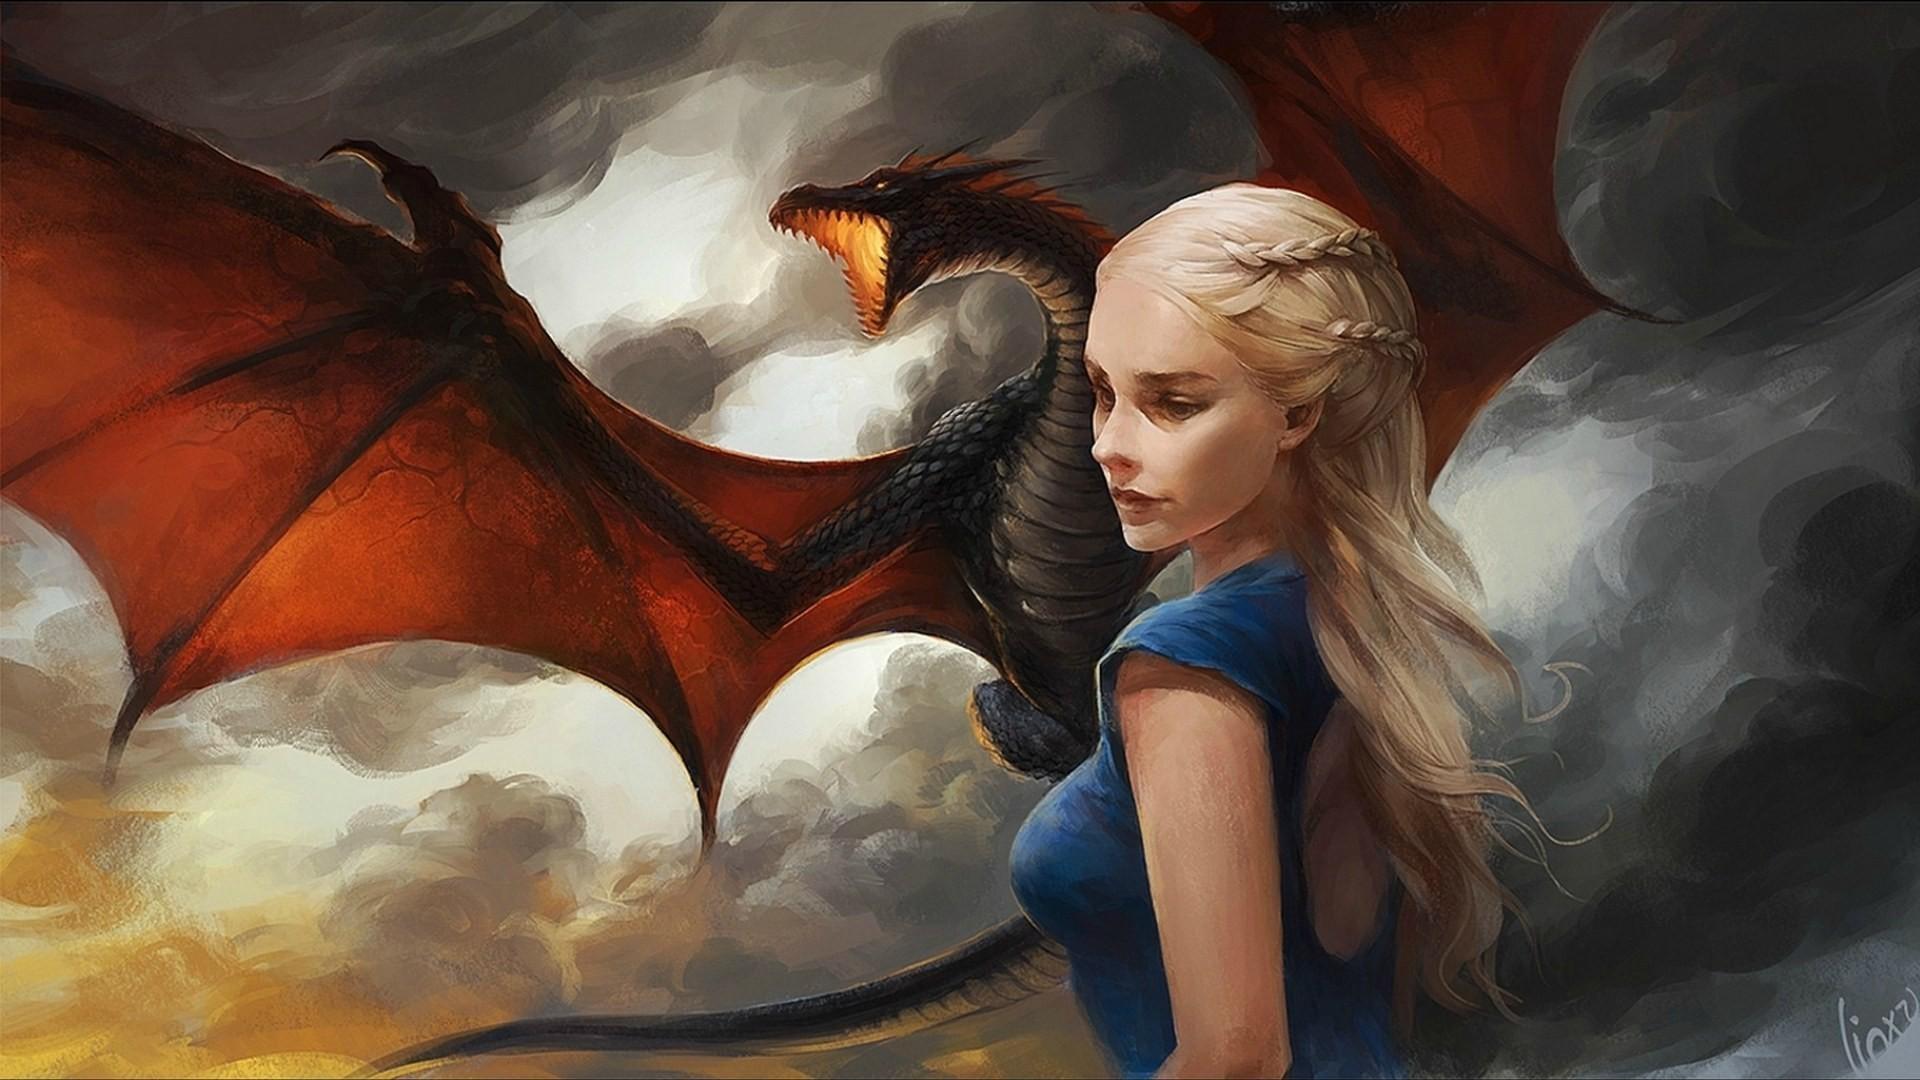 -Daenerys Targaryen Fan Art feature Artwork by